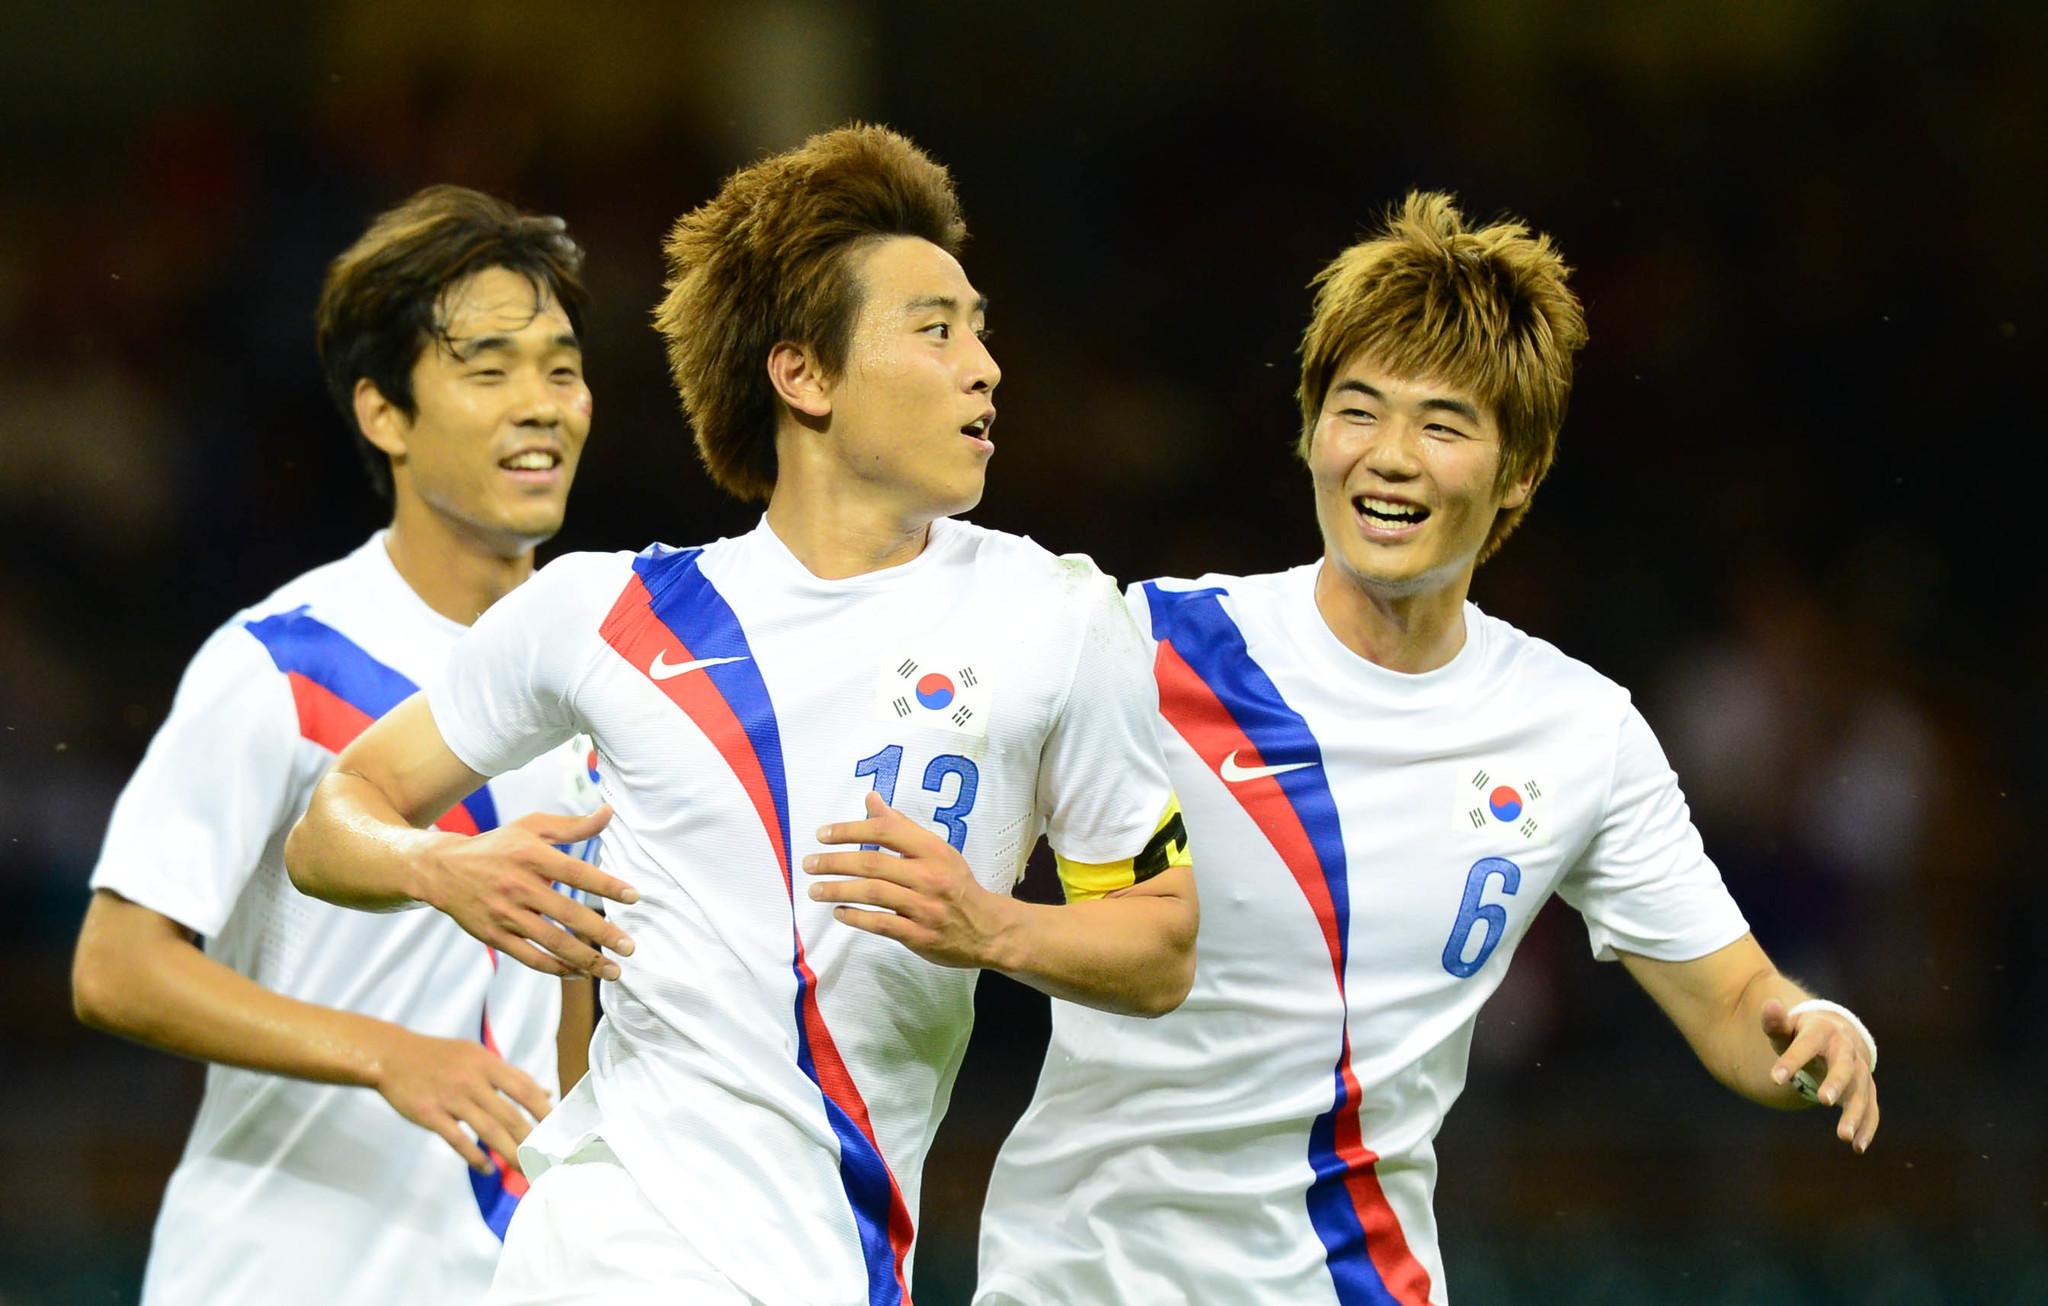 2012년 런던올림픽 일본전에서 구자철이 골을 터트린 뒤 기성용, 박주영과 함께 기뻐하고 있다.[ 올림픽사진공동취재단 ]